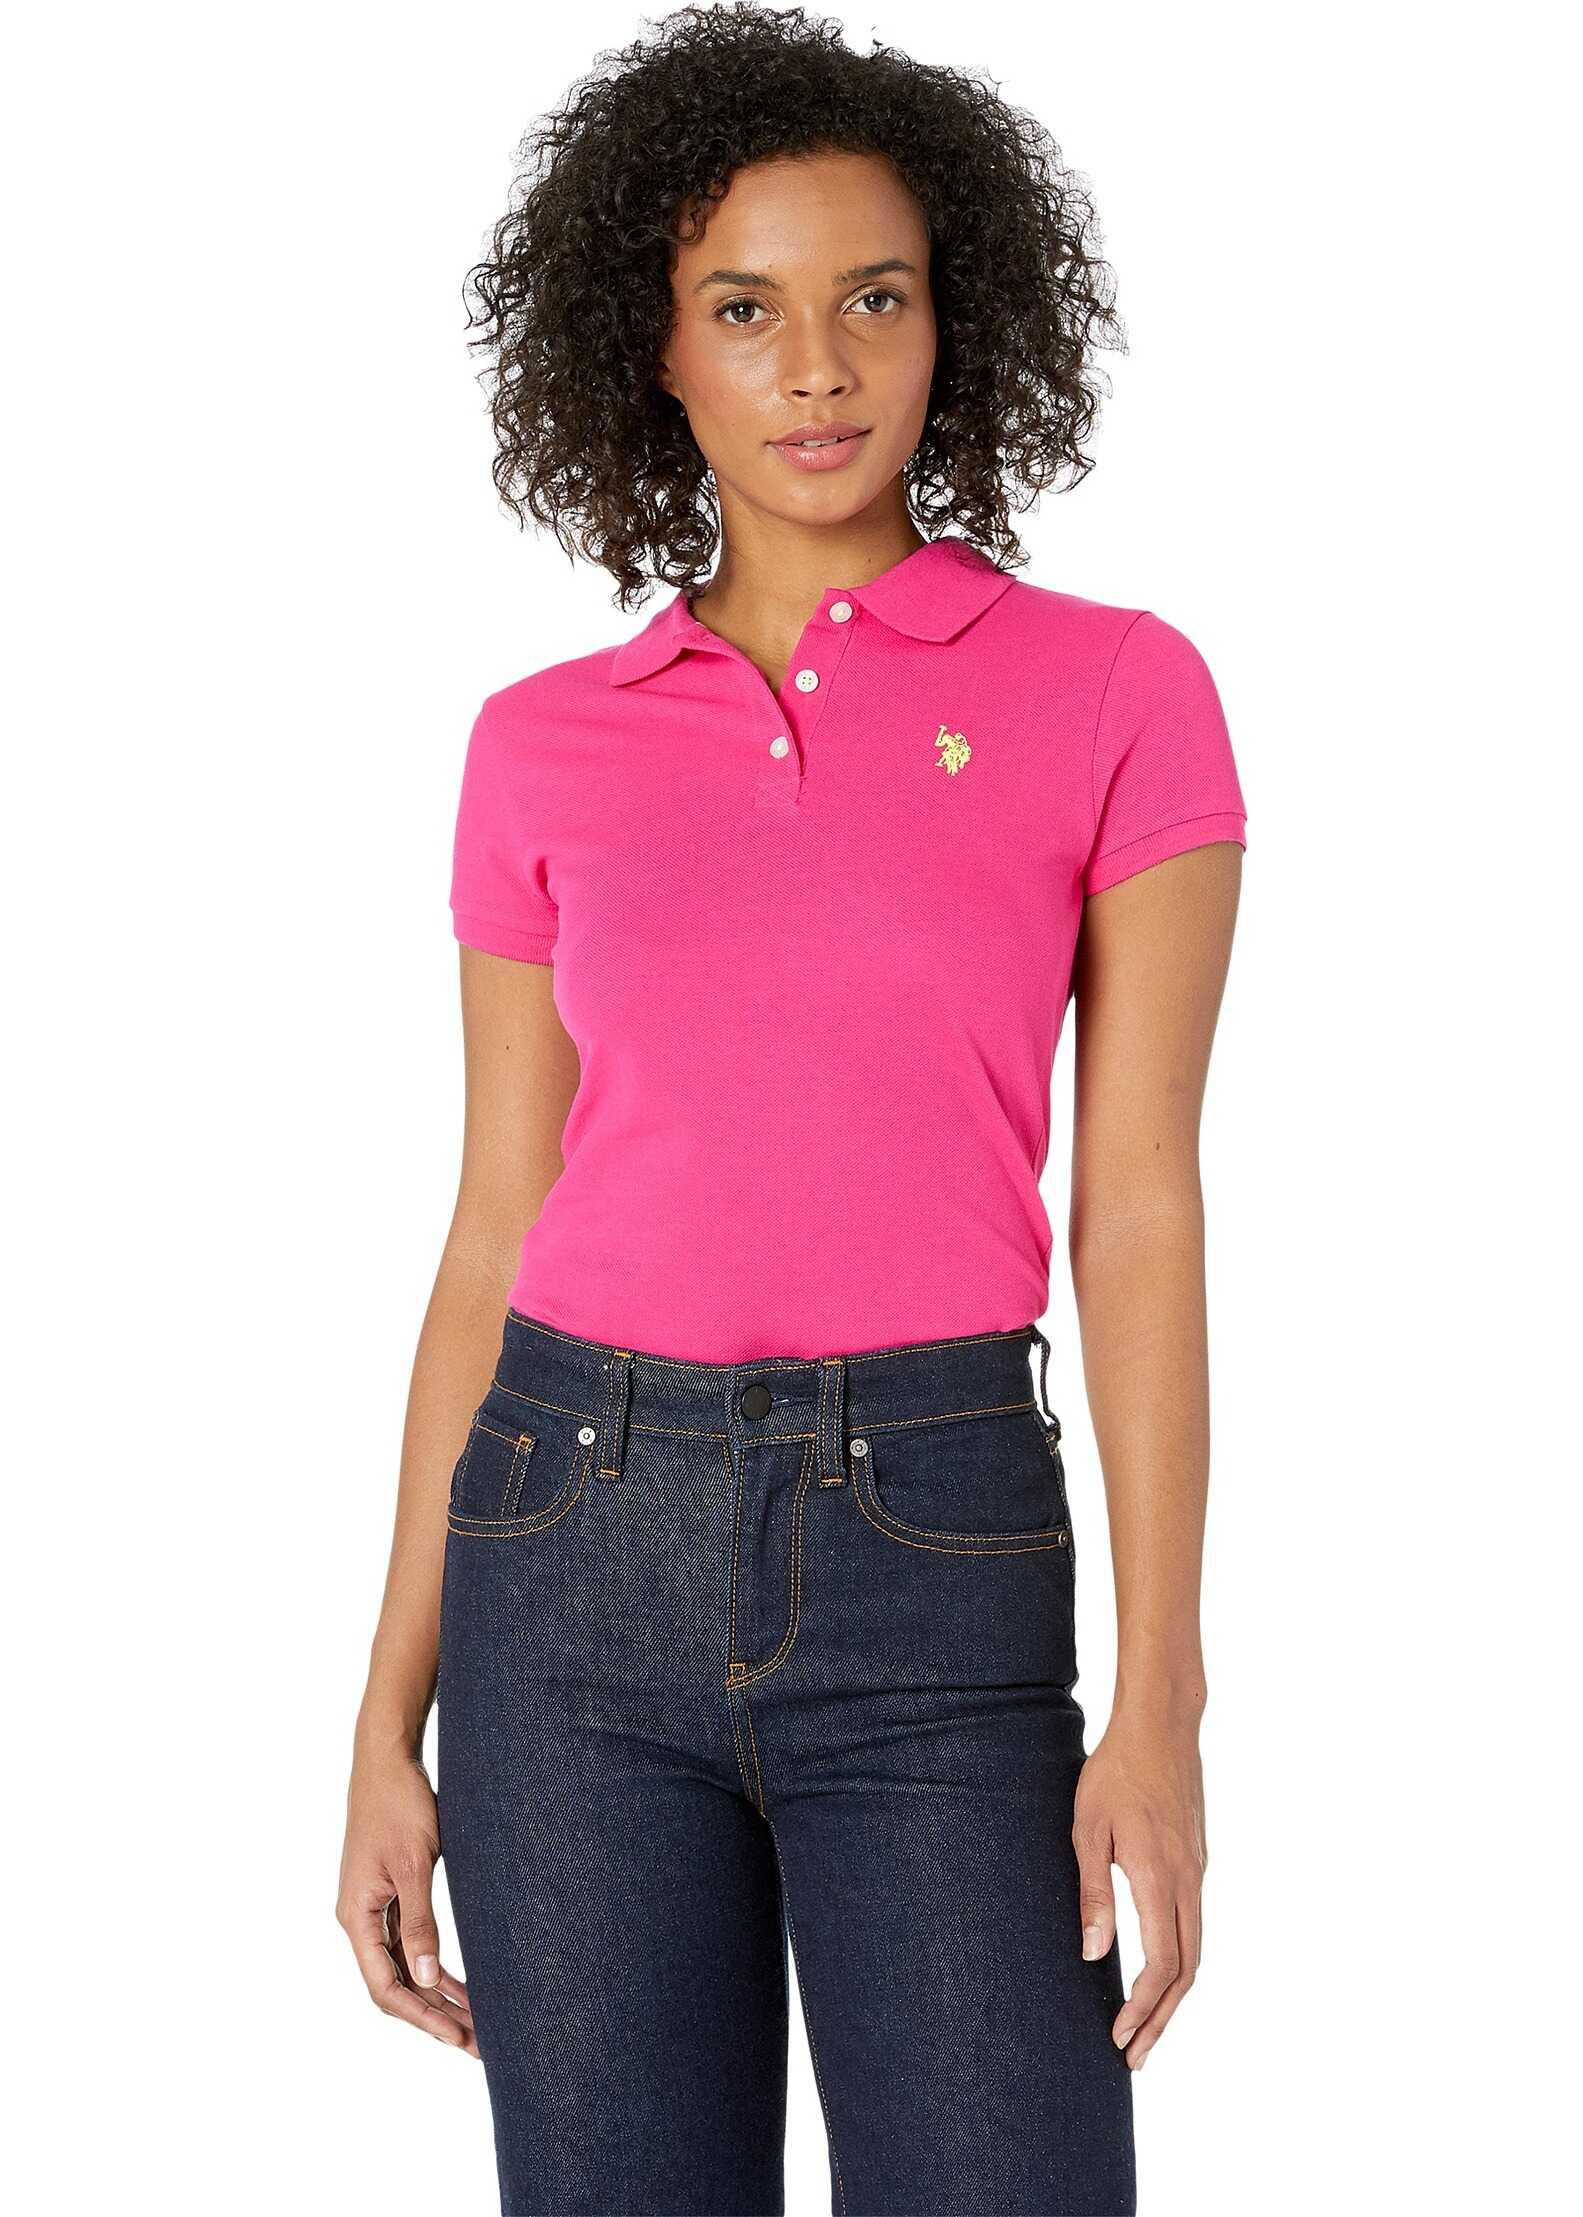 U.S. POLO ASSN. Neon Logo Polo Shirt Pink Sapphire